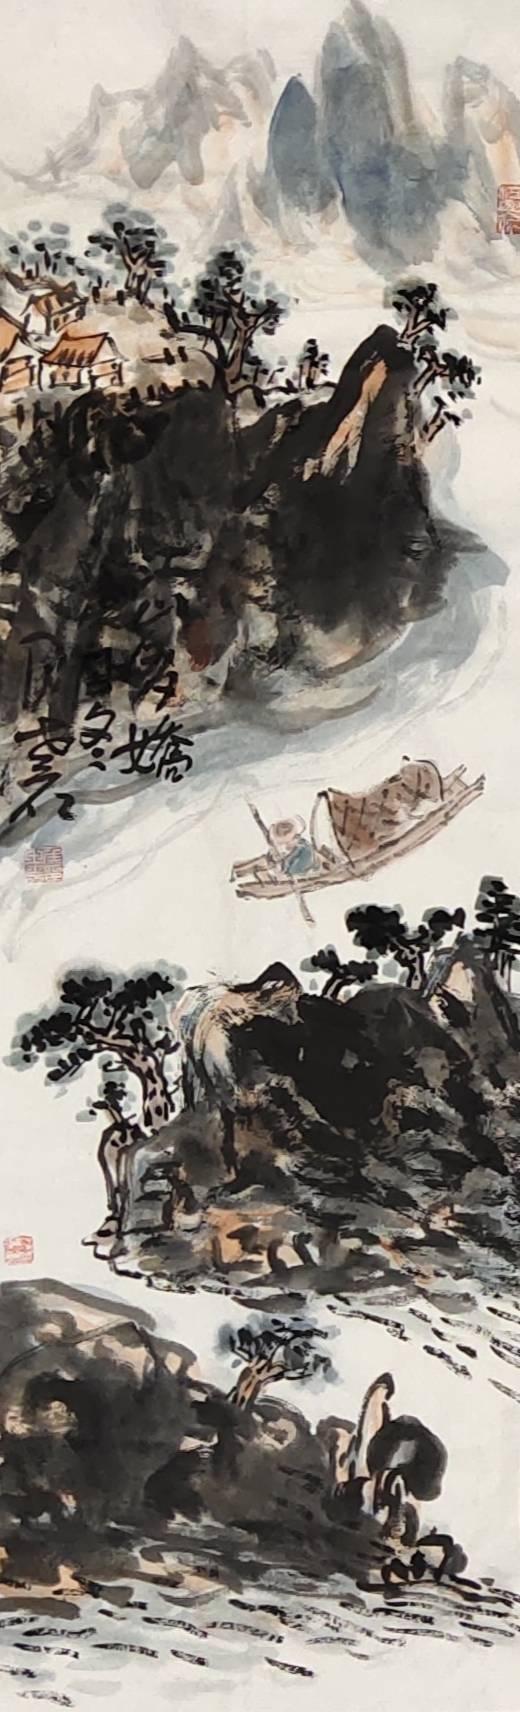 环球财经 放眼全球——中国艺术形象代言人侯驭华专题报道